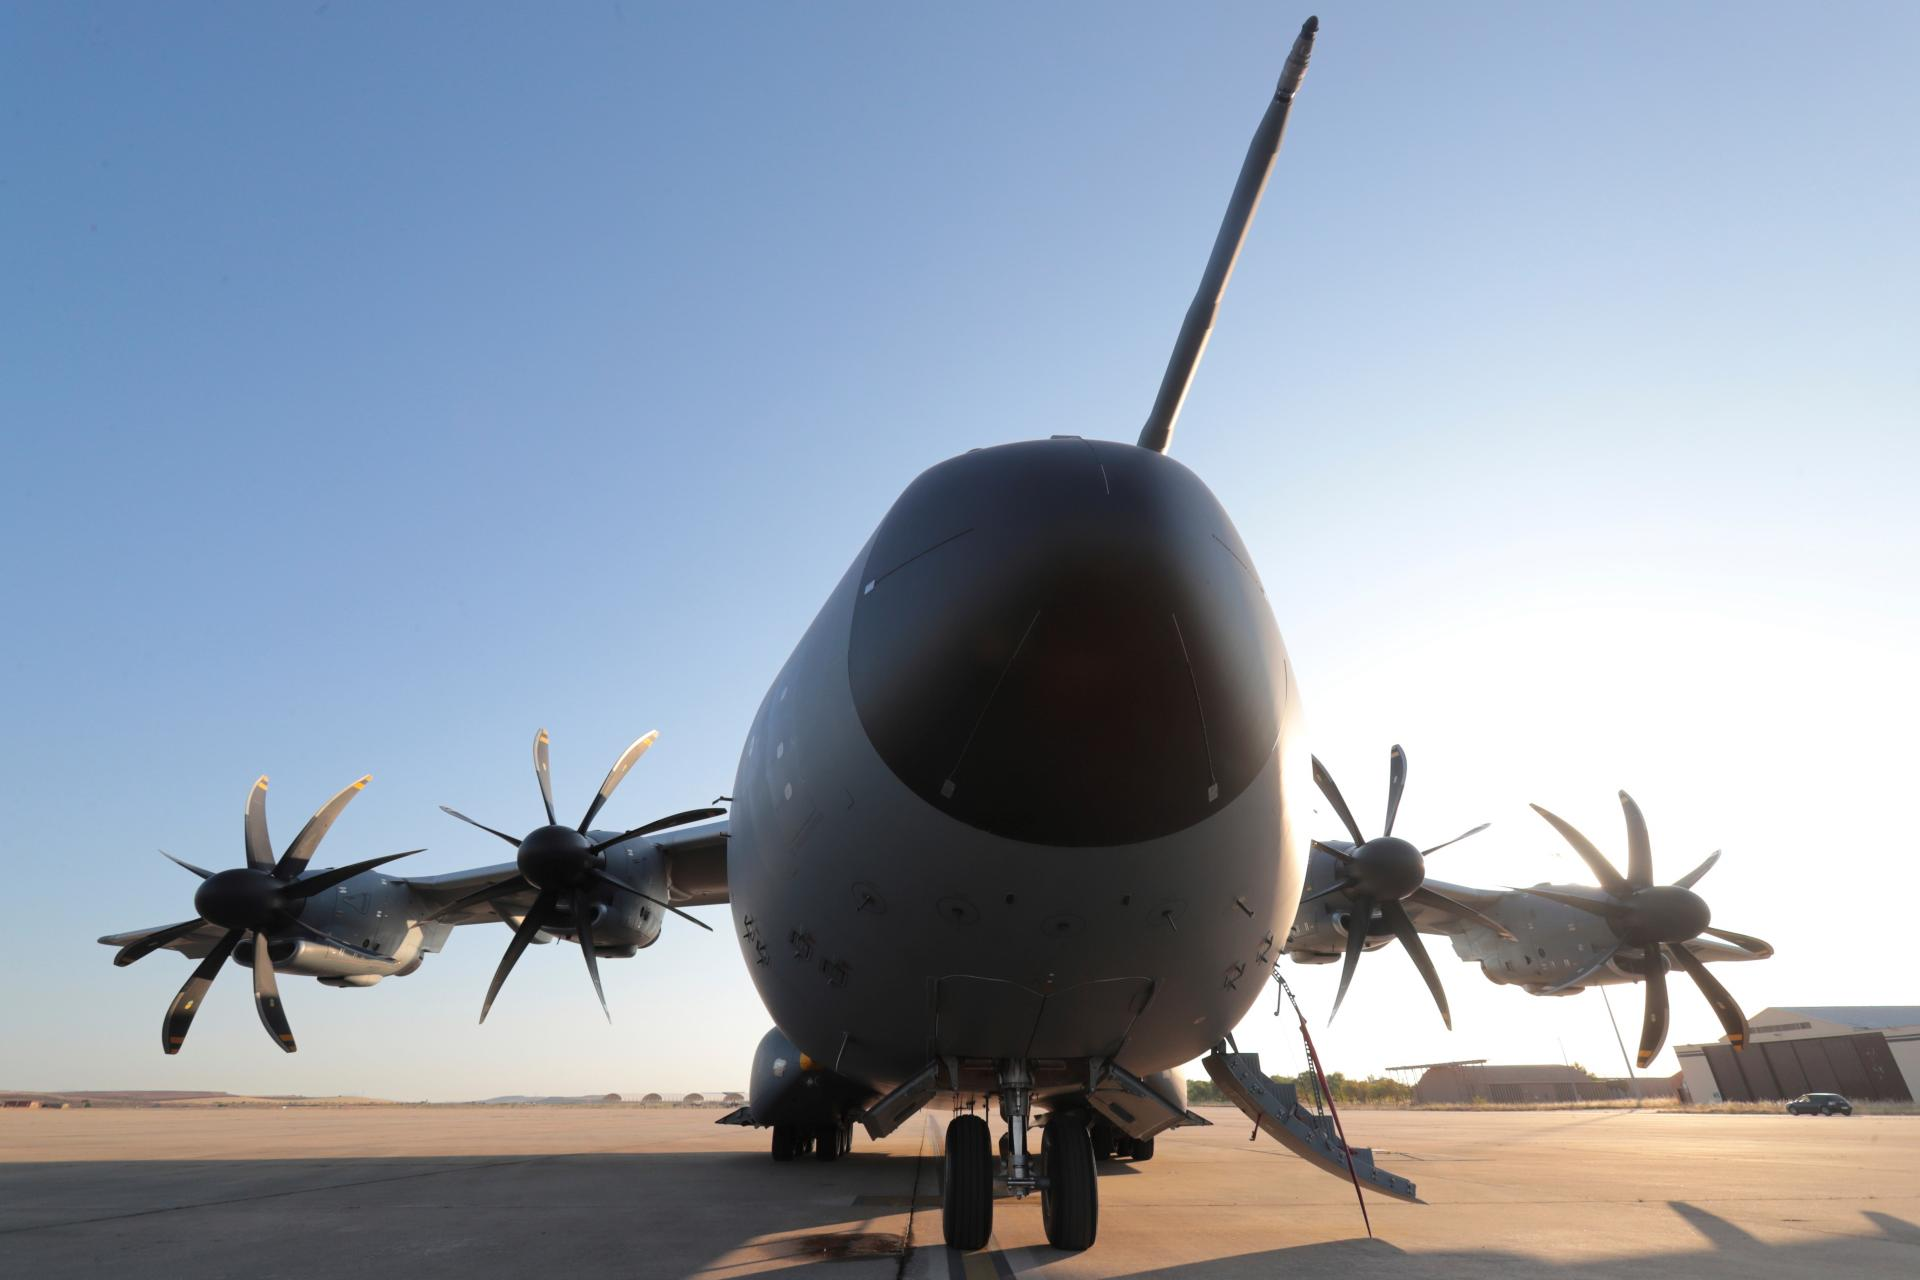 A400M-Flugzeug der spanischen Luftwaffe